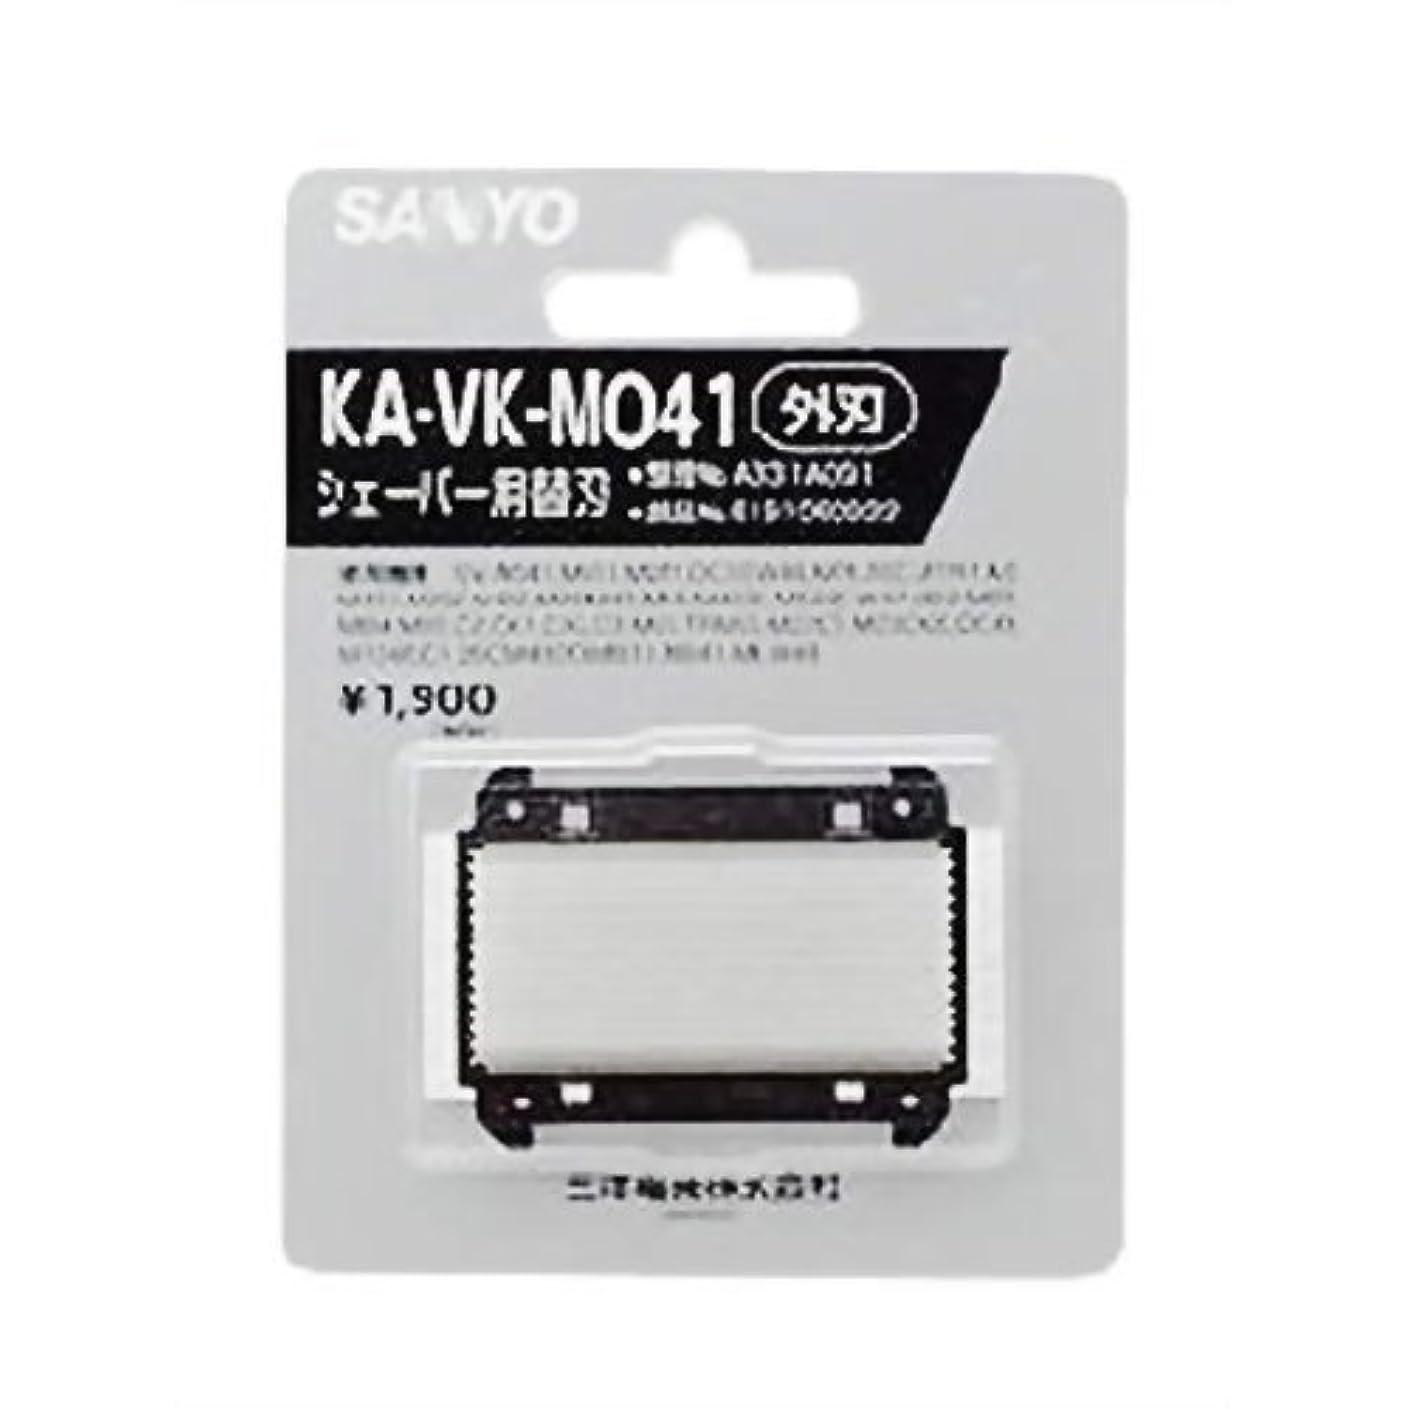 深める殺す知り合いになるSANYO シェーバー用替刃 外刃 KA-VK-M041